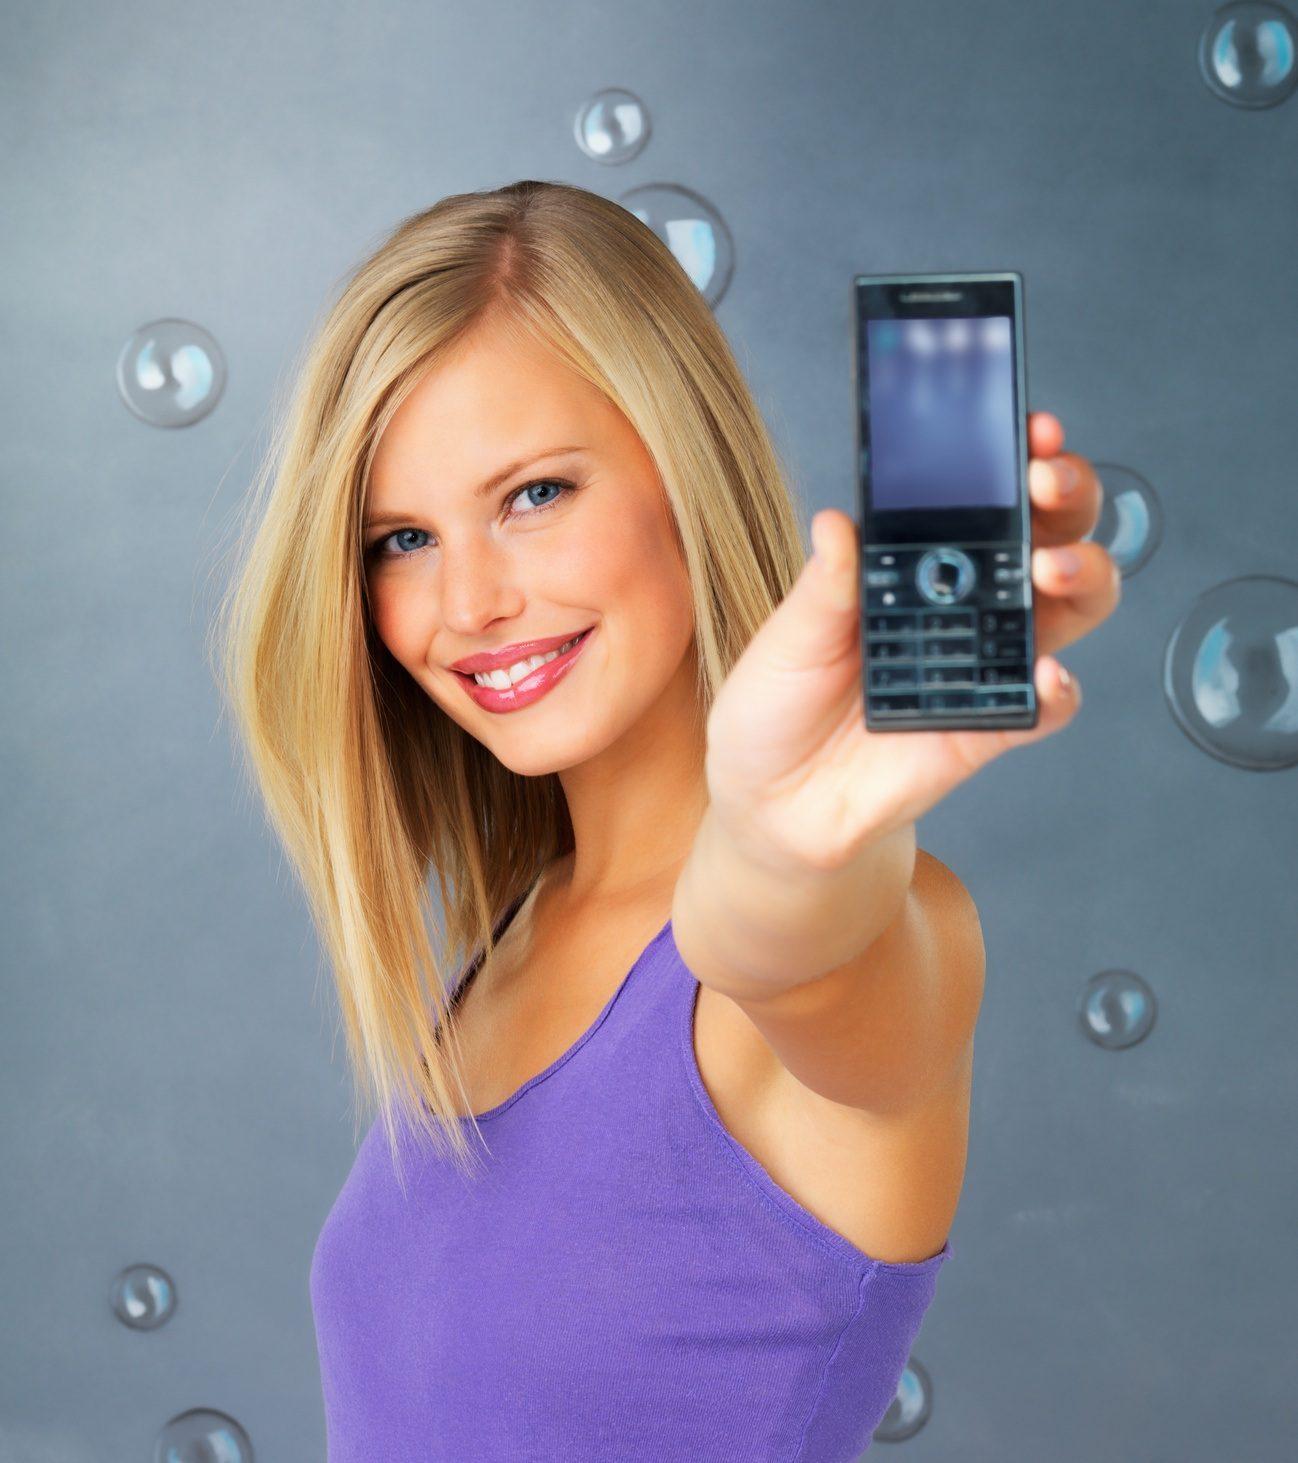 Comment envoyer des SMS gratuitement sans avoir à s'inscrire ?